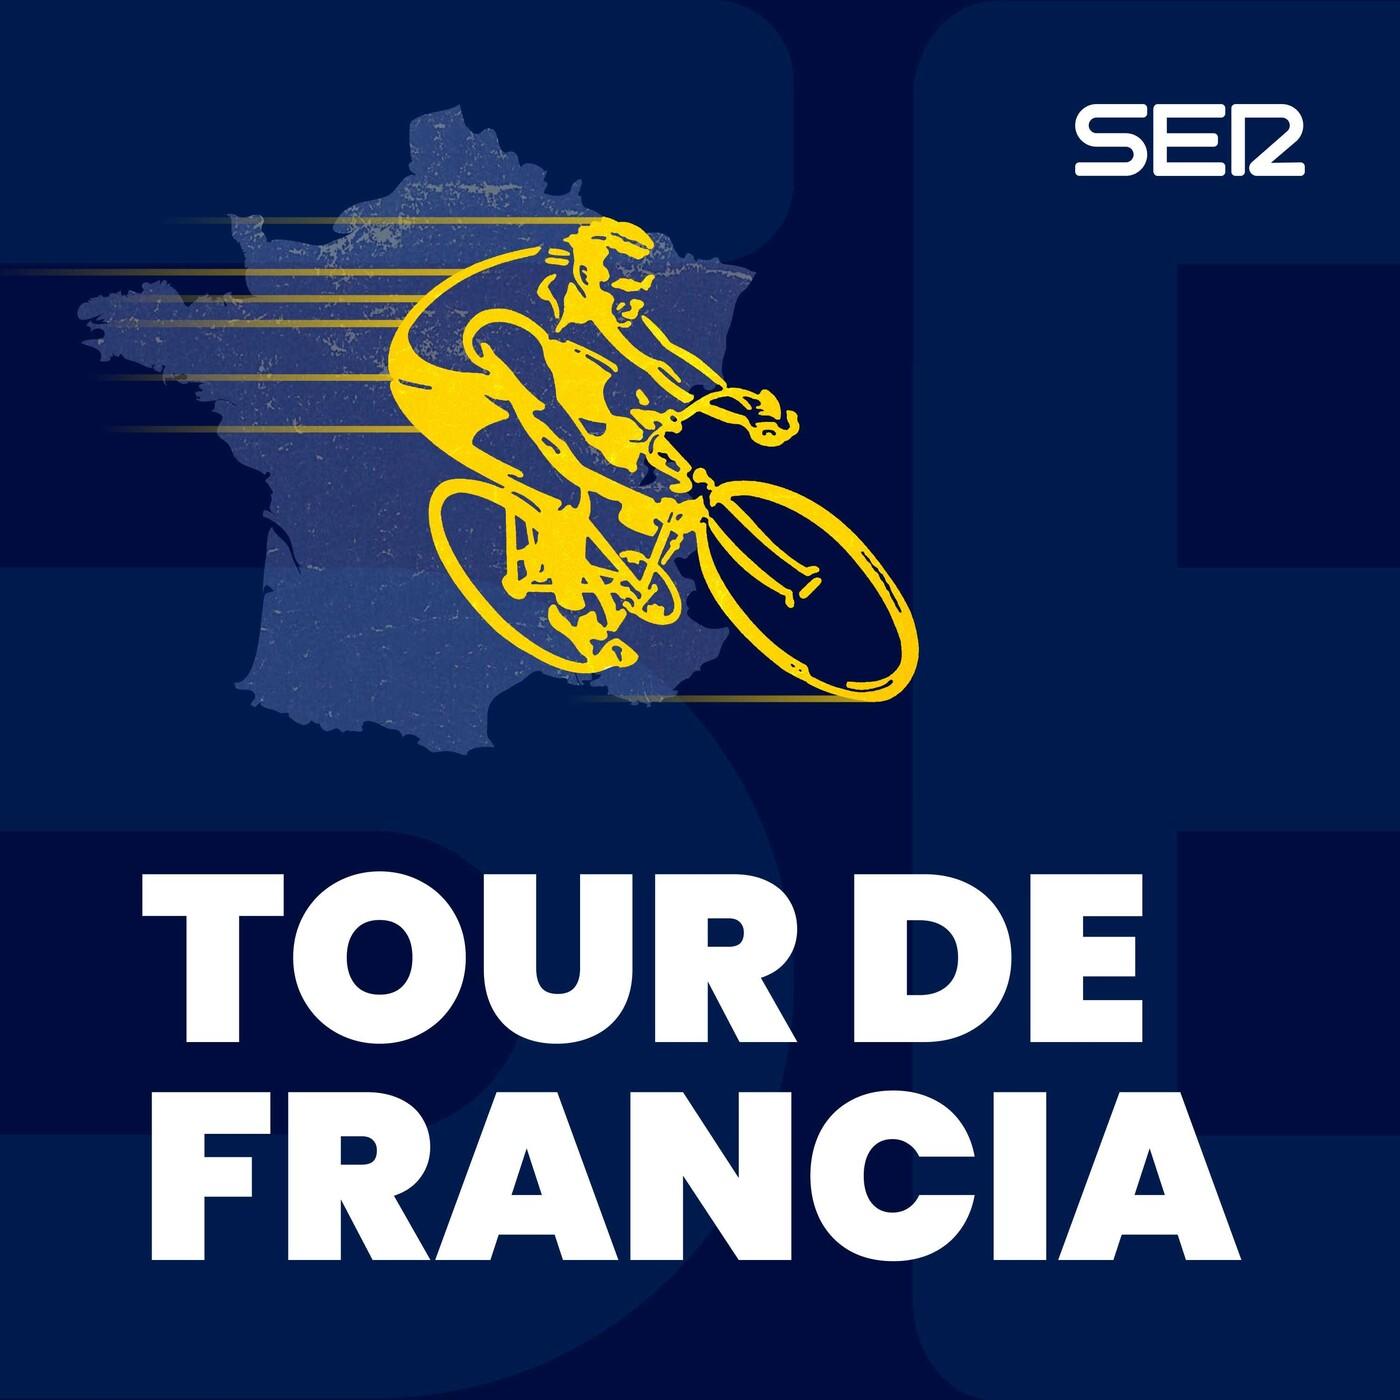 Tour de Francia (24/07/2019 - Tramo de 17:00 a 18:00)